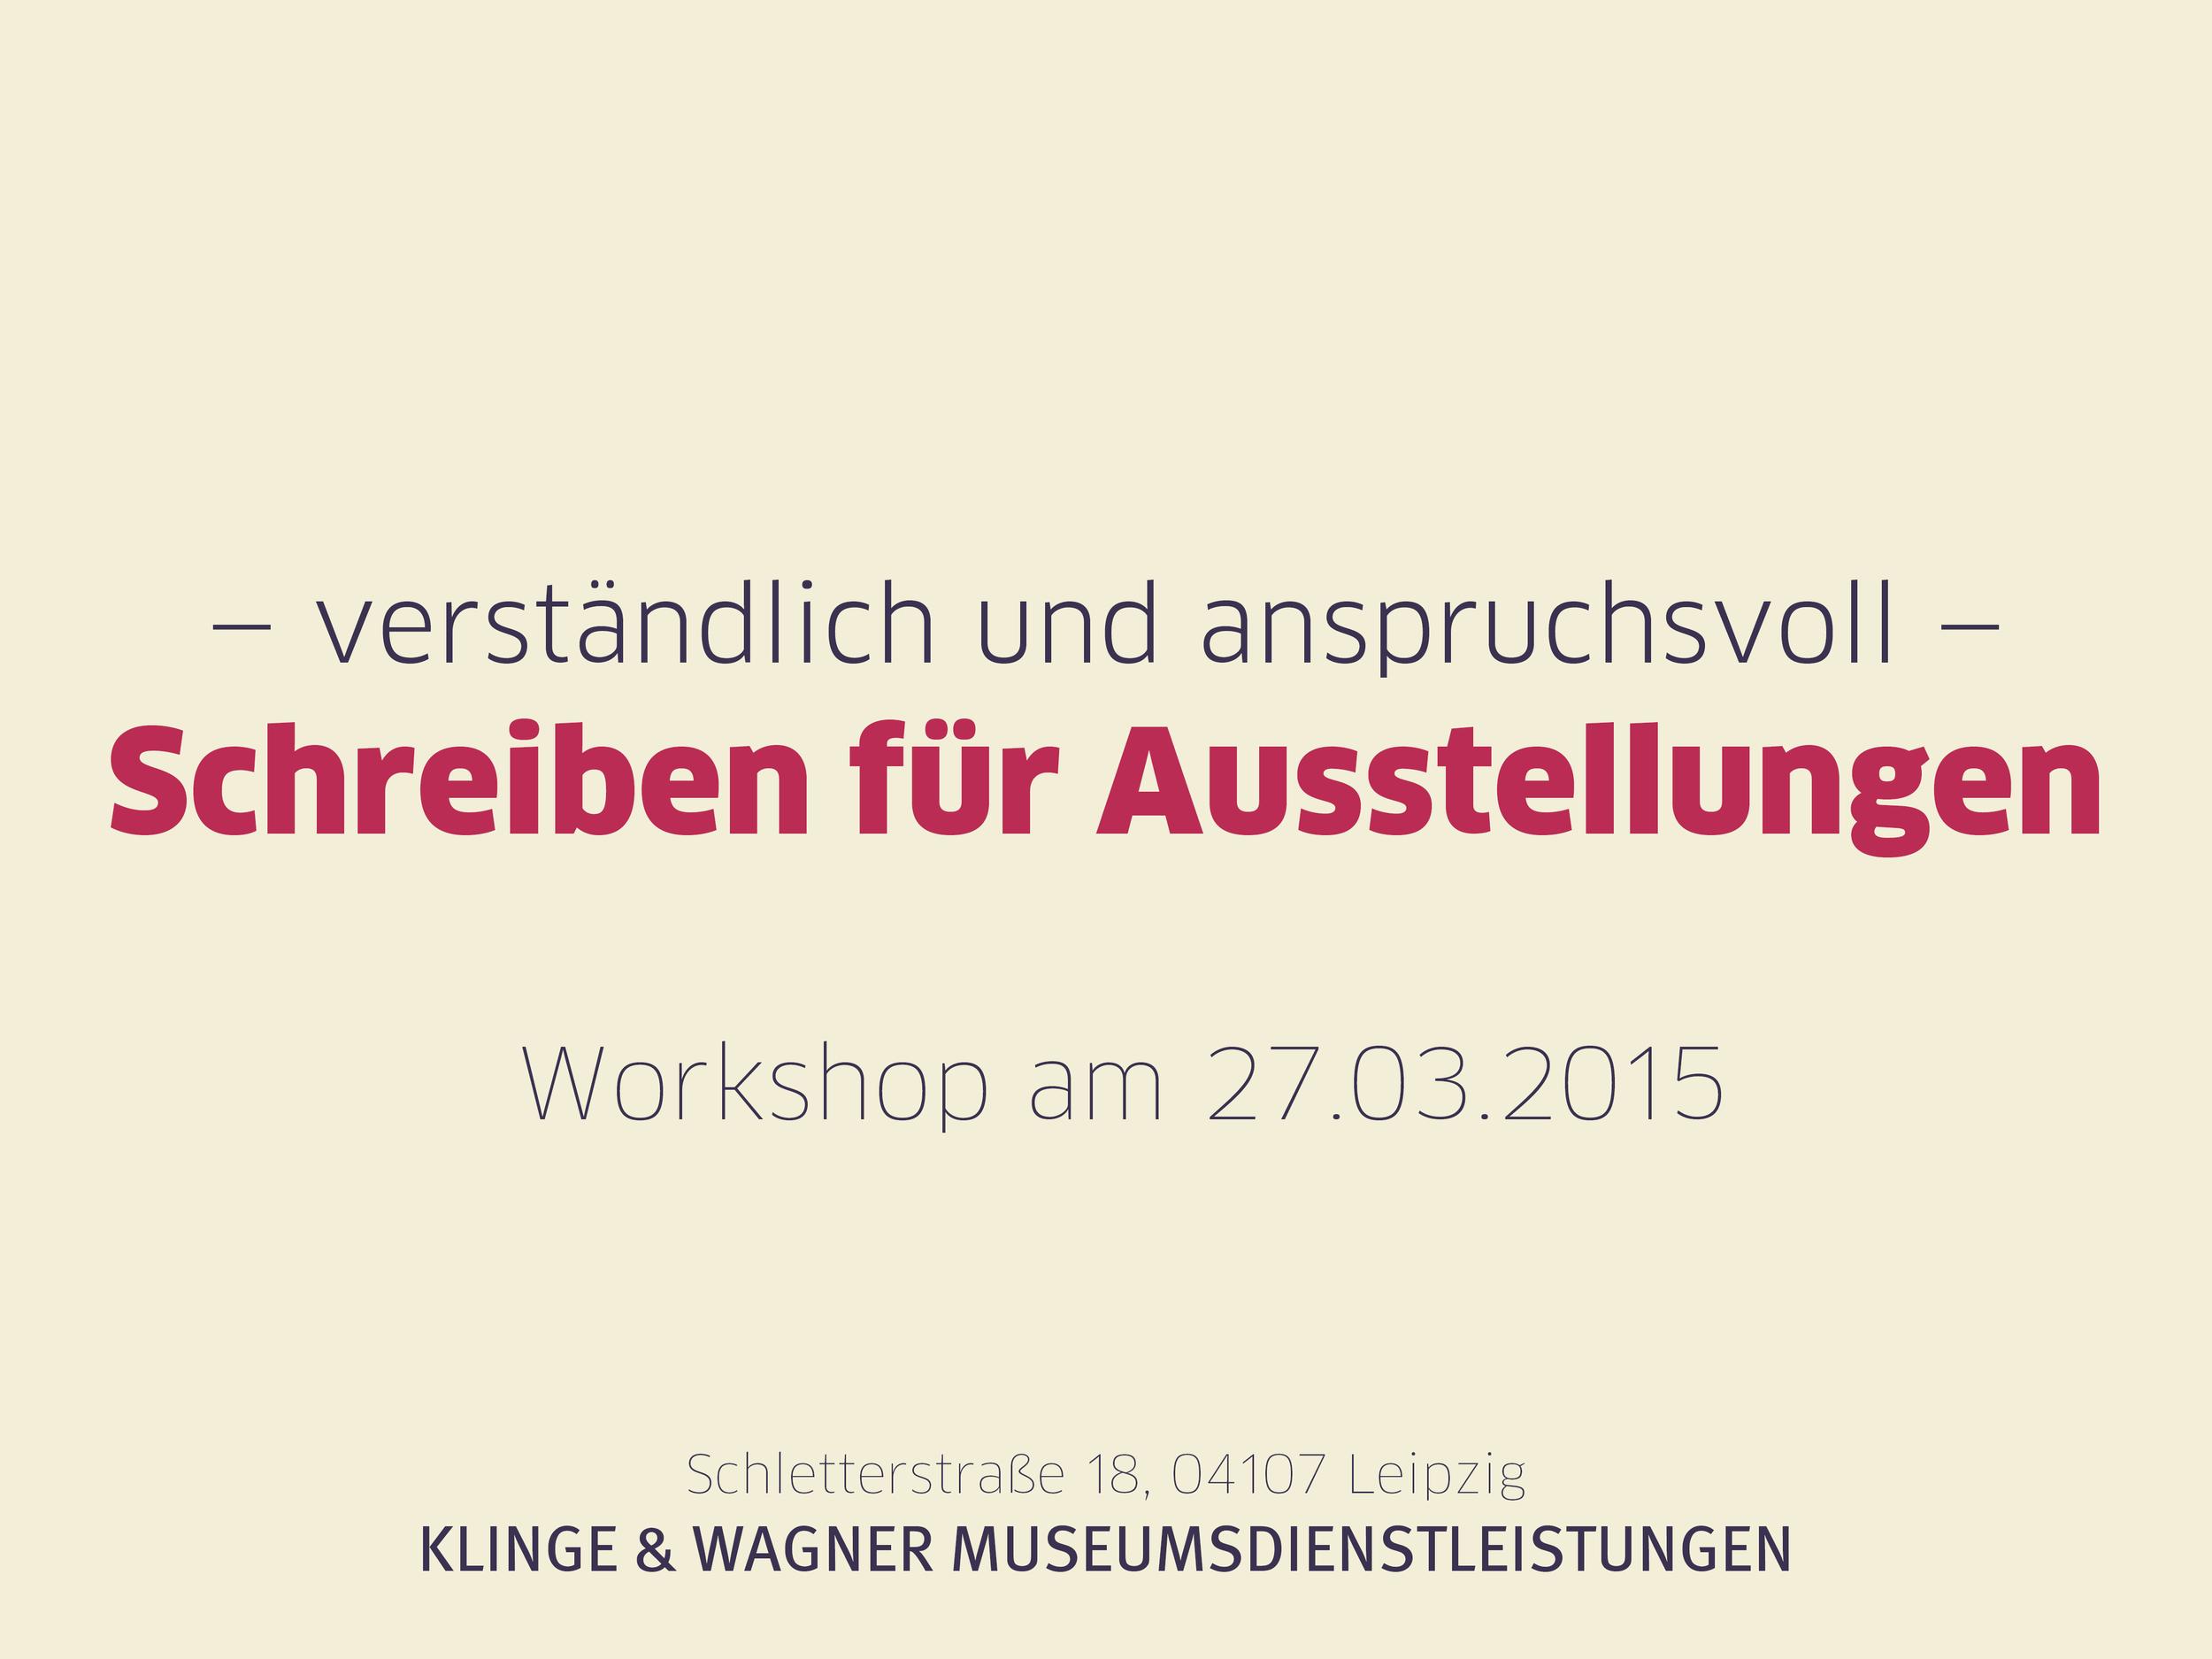 Workshop Ausstellungstexte.jpg